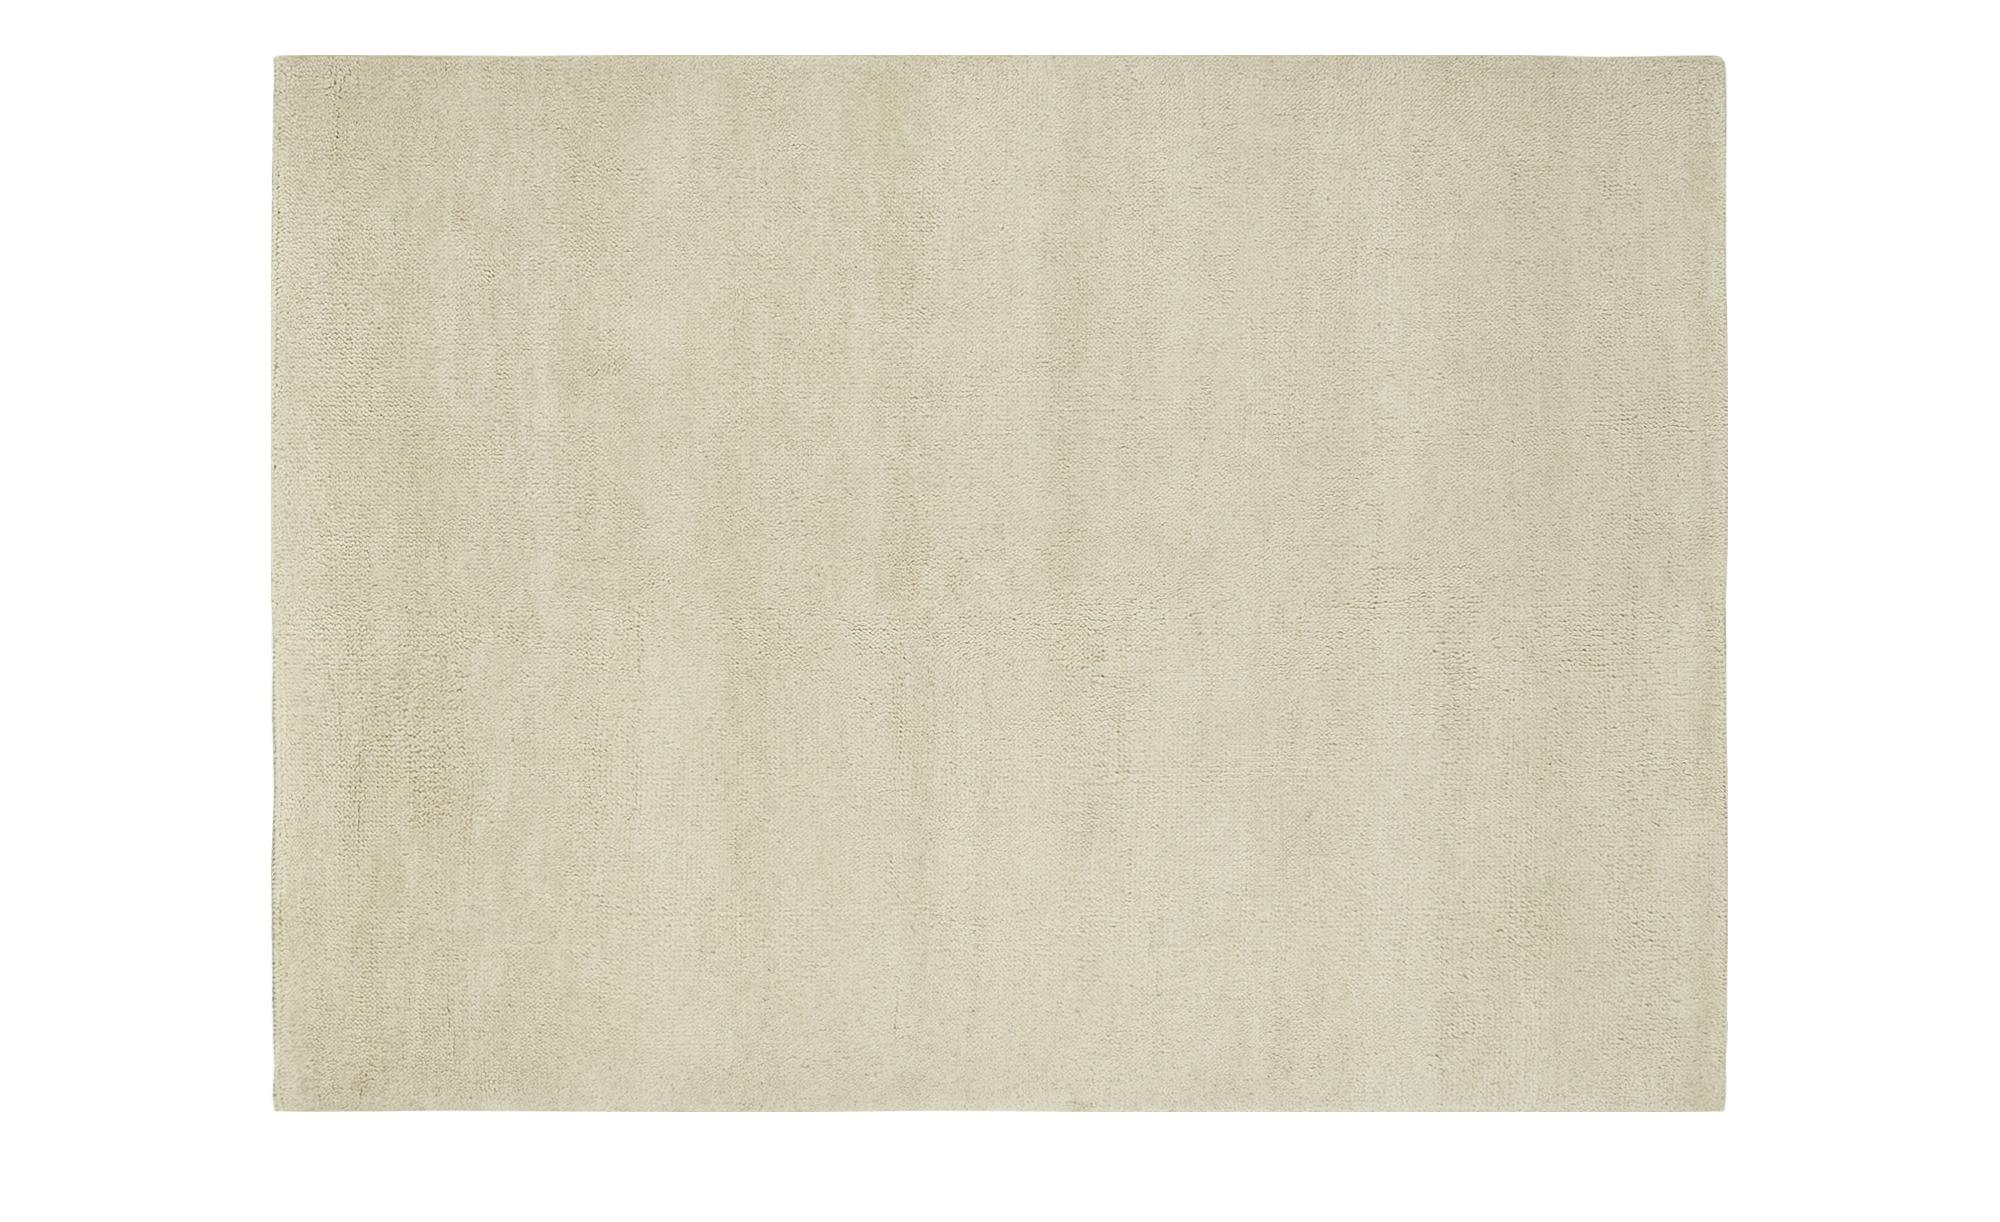 Berber-Teppich - creme - reine Wolle, Wolle - 140 cm - Teppiche > Naturteppiche - Möbel Kraft | Heimtextilien > Teppiche > Berberteppiche | Sconto